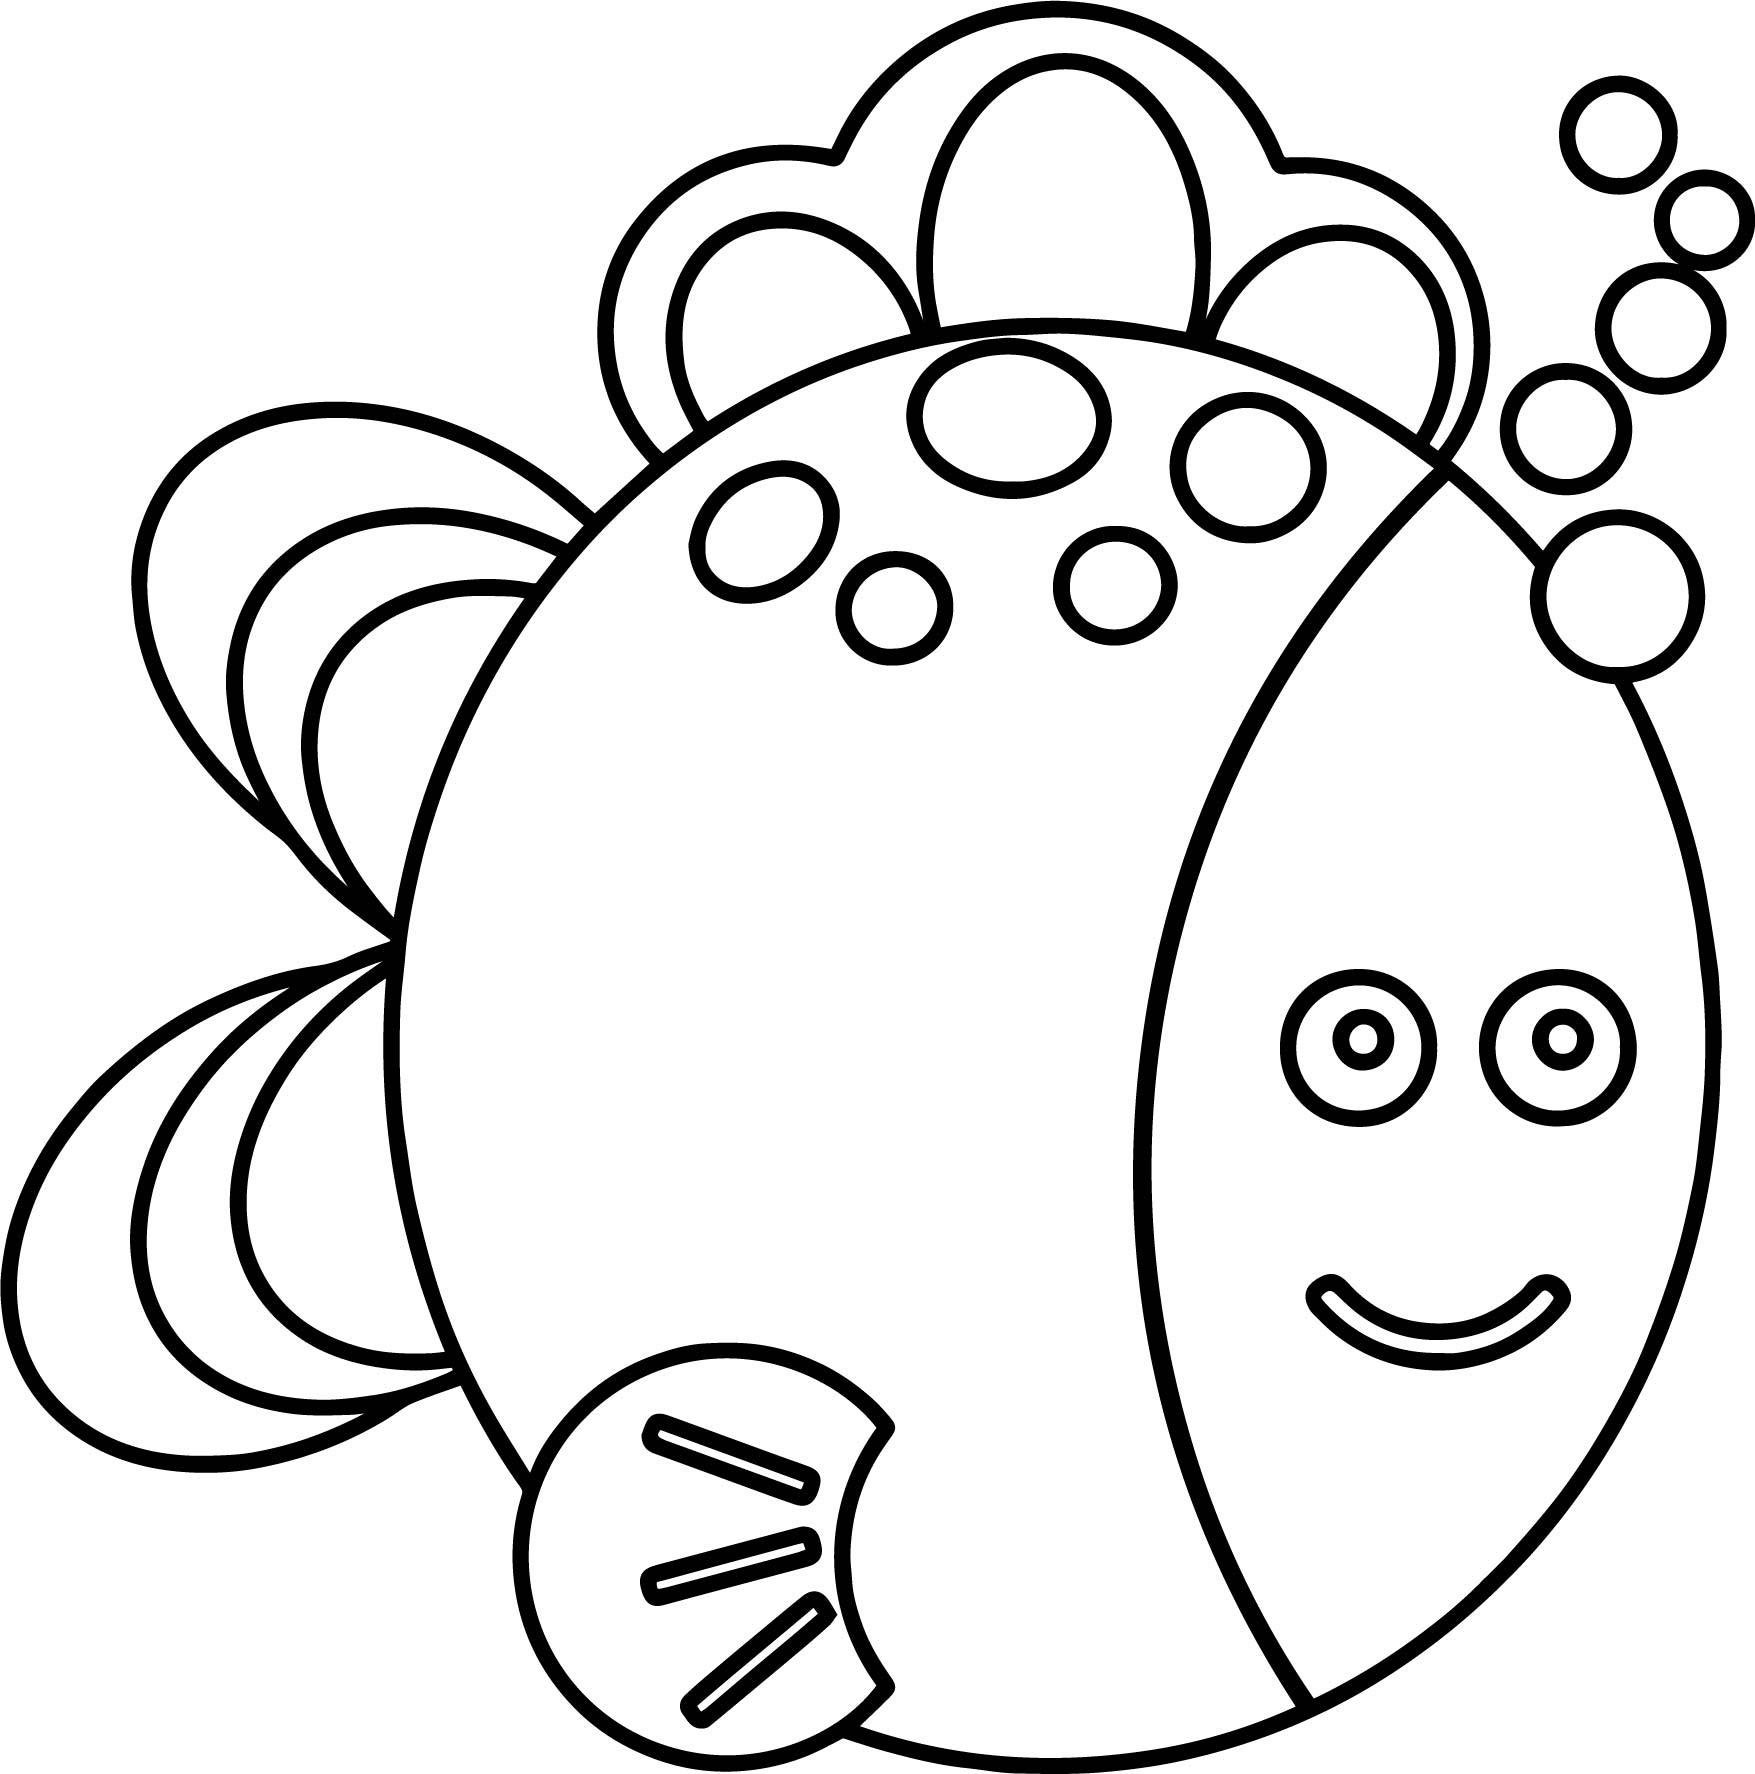 Preschool Fish Coloring Page   Wecoloringpage.com